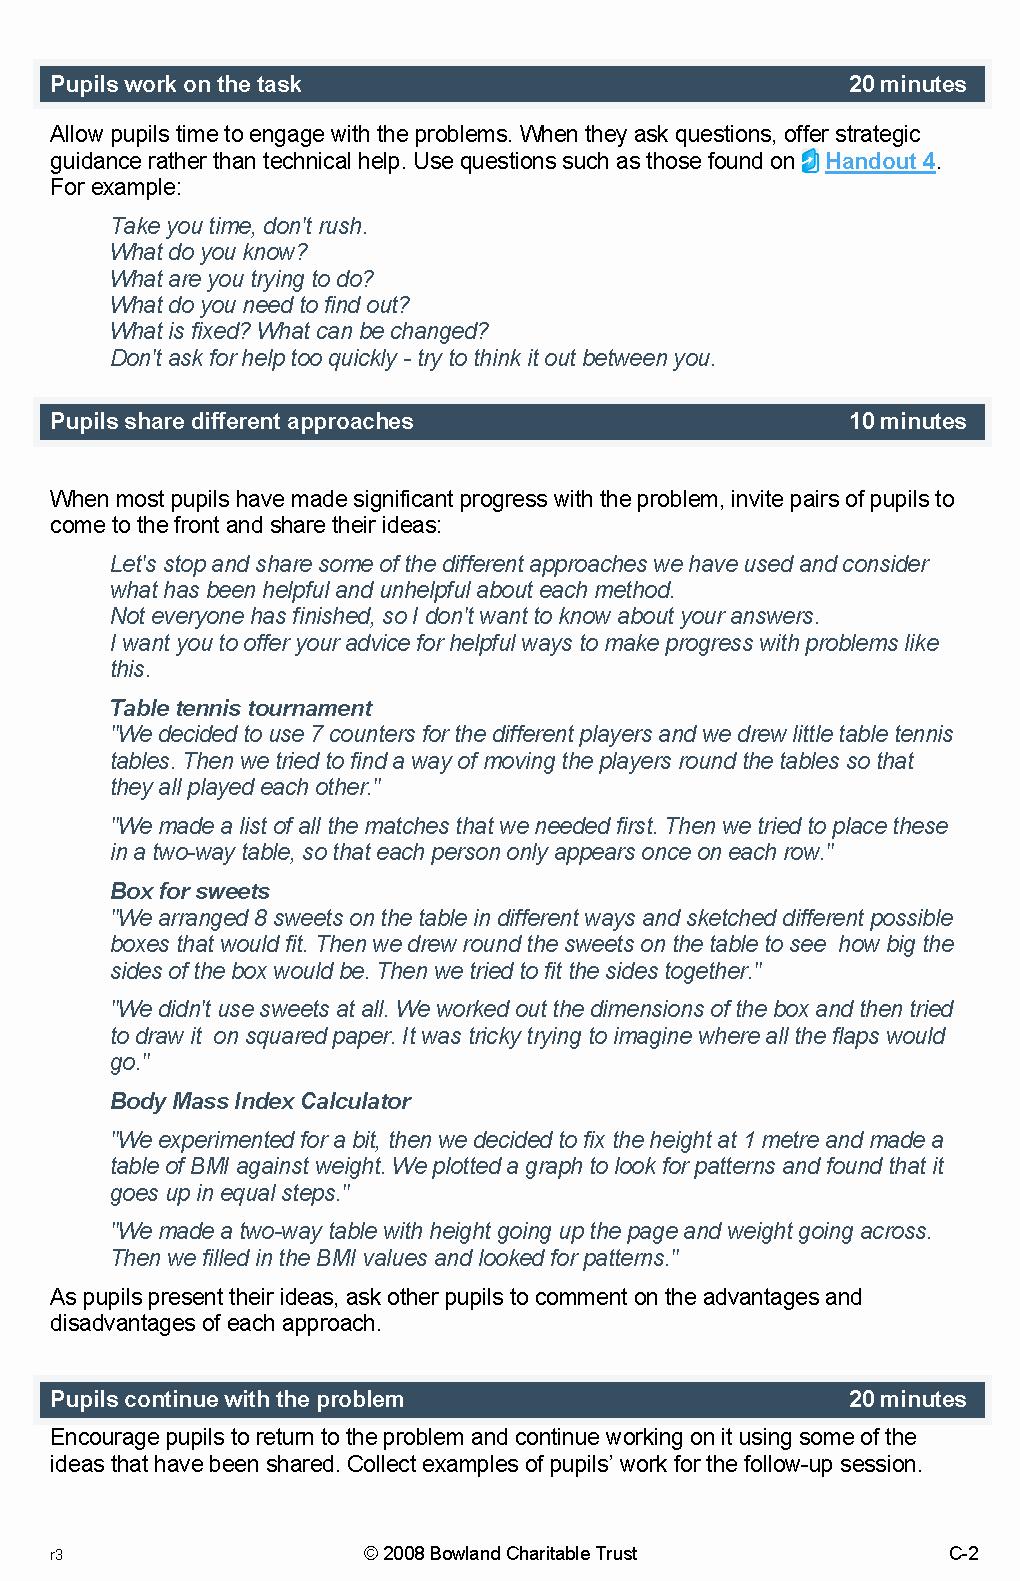 Professional Development Plan Sample for Teachers Unique Samples and Examples Of Professional Growth Plan for Teachers